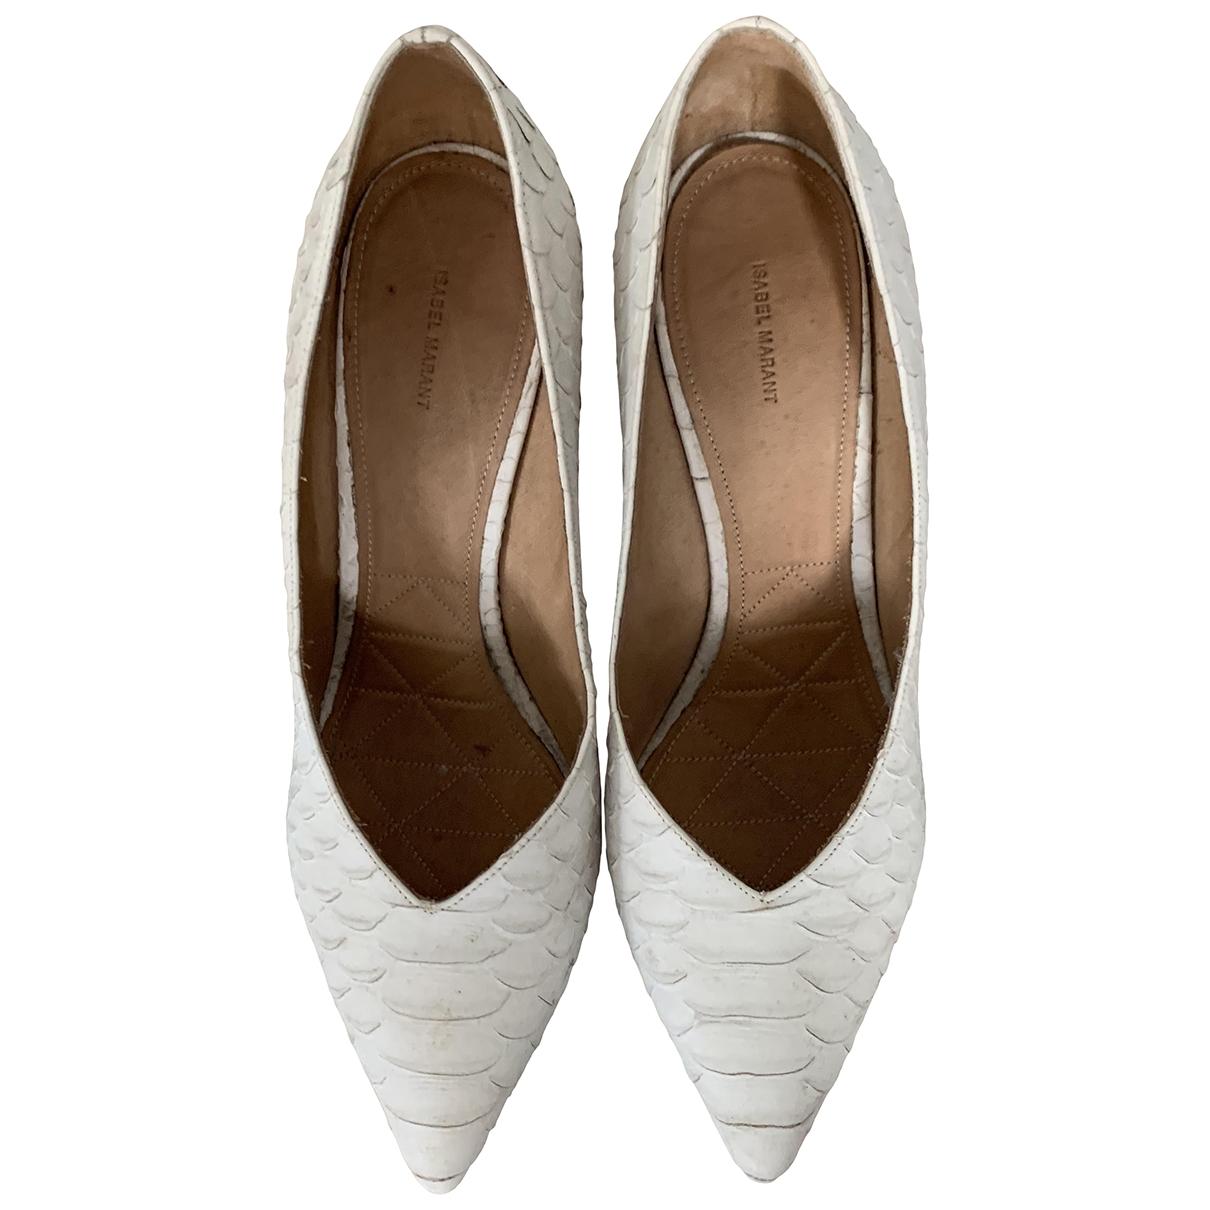 Isabel Marant - Escarpins   pour femme en cuir - blanc